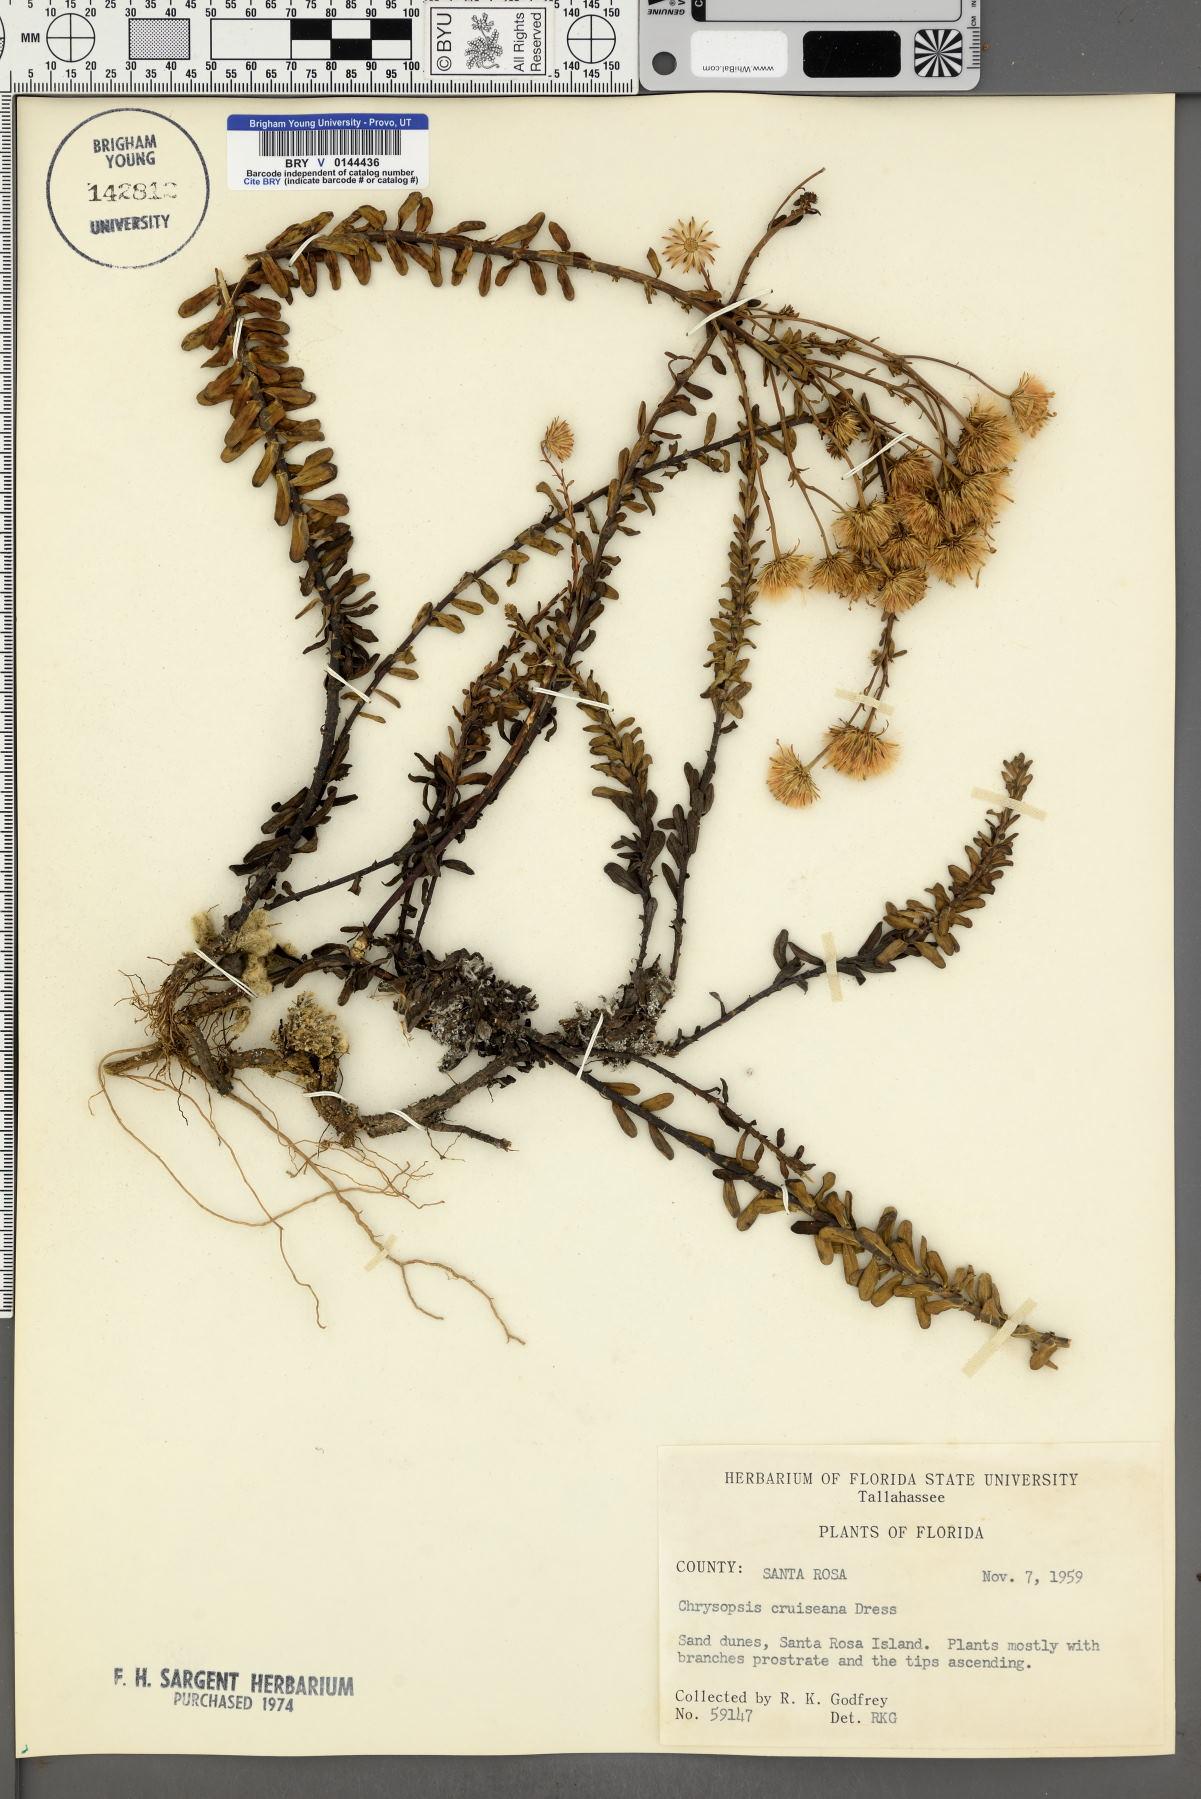 Chrysopsis cruiseana image